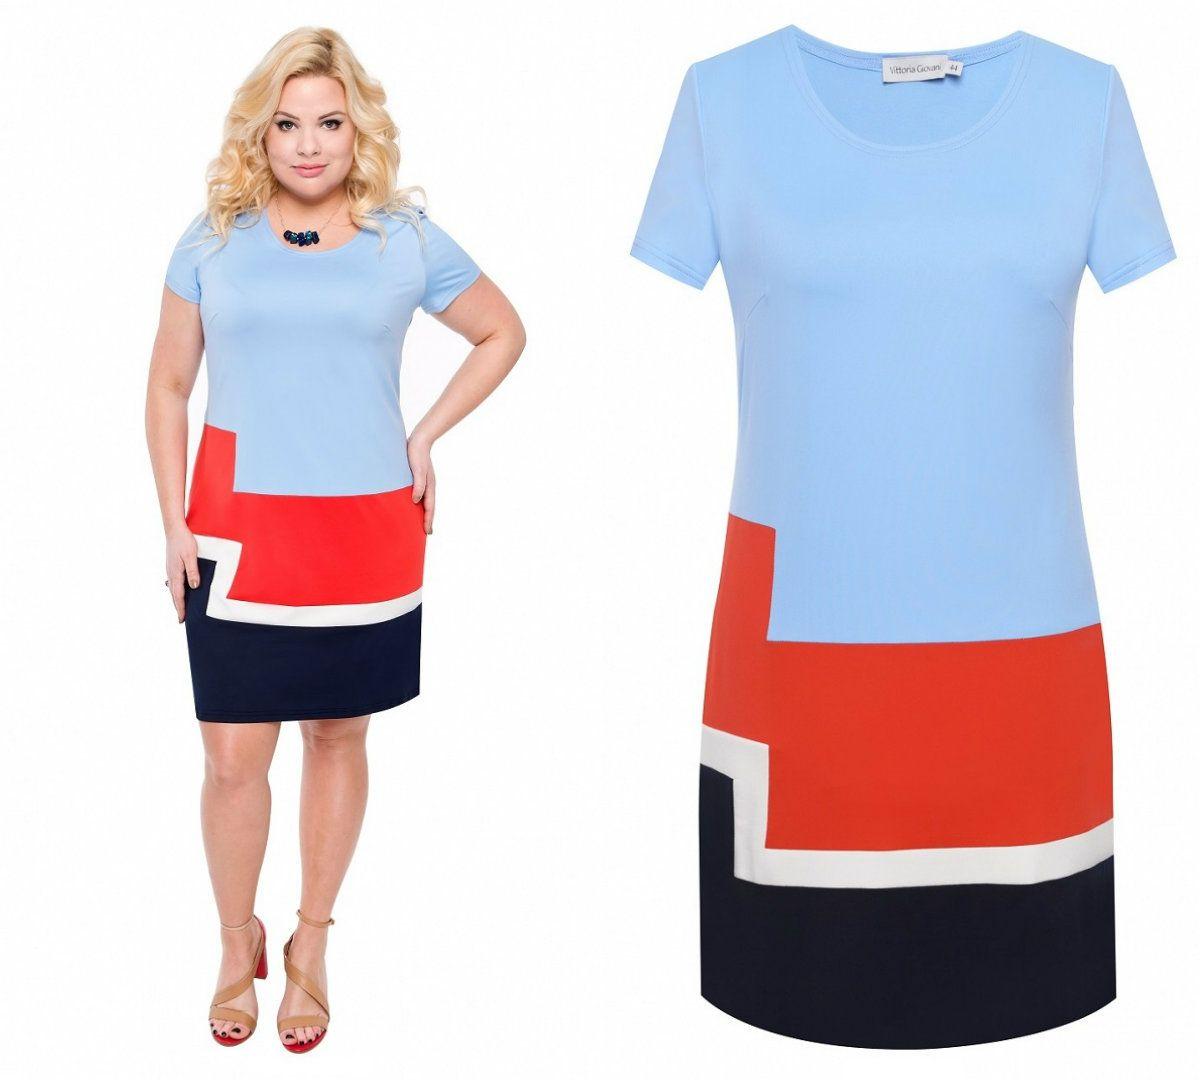 34fca7f1 Elegancka dopasowana sukienka błękitna (42-60) - 7364530368 ...